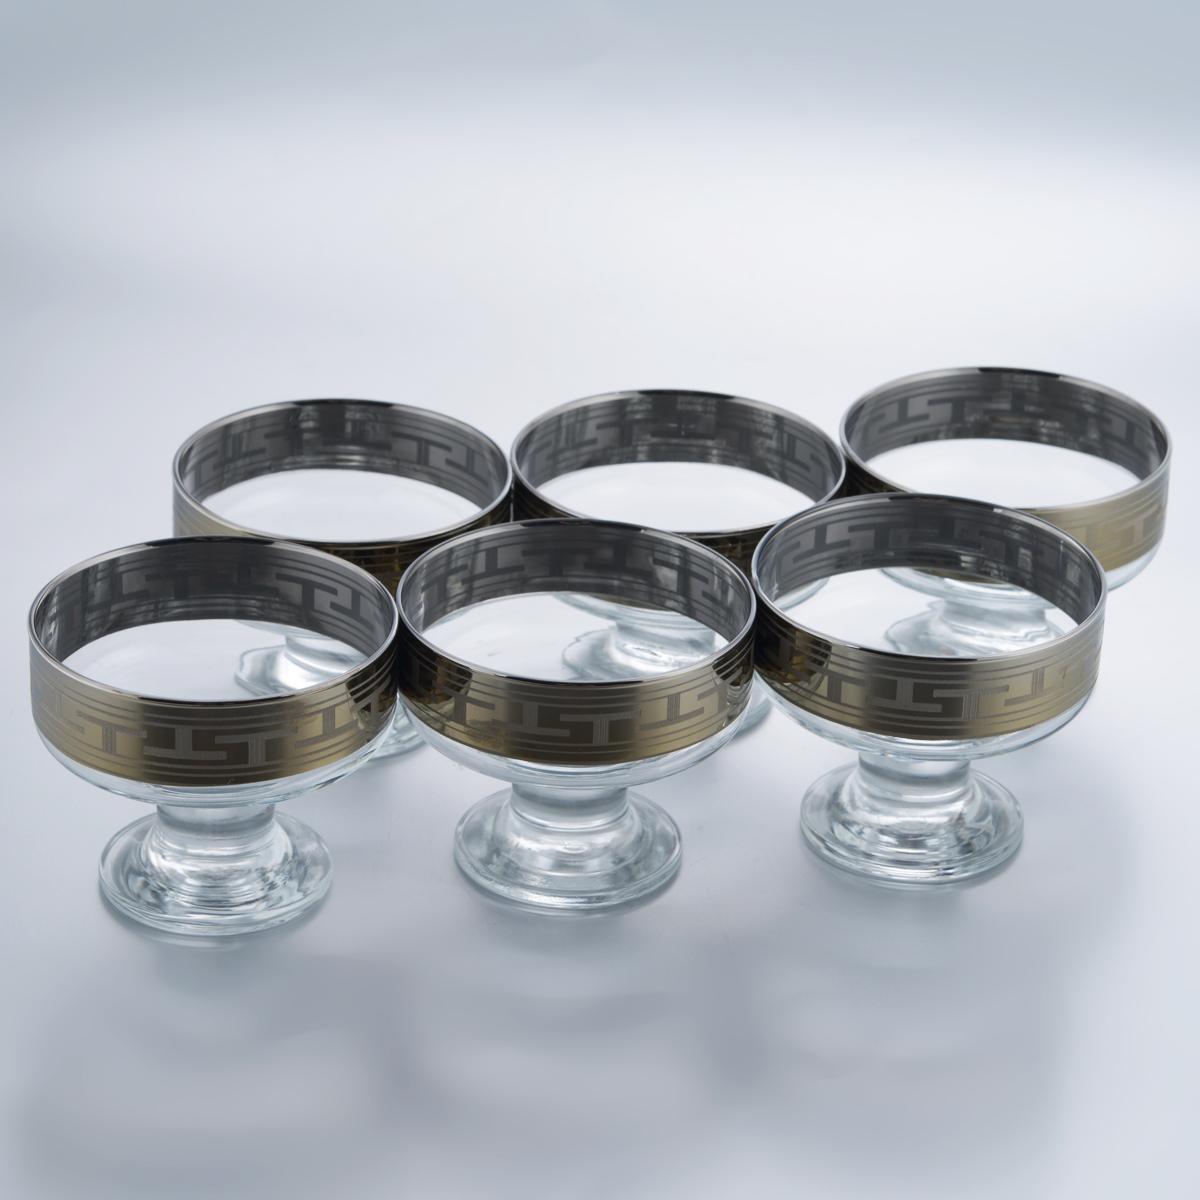 Набор креманок для мороженого Гусь-Хрустальный Греческий узор, 250 мл, 6 штGE01-1016Набор Гусь-Хрустальный Греческий узор состоит из 6 креманок, изготовленных из высококачественного натрий-кальций-силикатного стекла. Изделия оформлены красивым зеркальным покрытием и широкой окантовкой с греческим узором. Креманки прекрасно подойдут для подачи десертов и мороженого. Такой набор прекрасно дополнит праздничный стол и станет желанным подарком в любом доме. Разрешается мыть в посудомоечной машине. Диаметр креманки (по верхнему краю): 9,8 см. Высота креманки: 8 см. Диаметр основания креманки: 6,4 см.